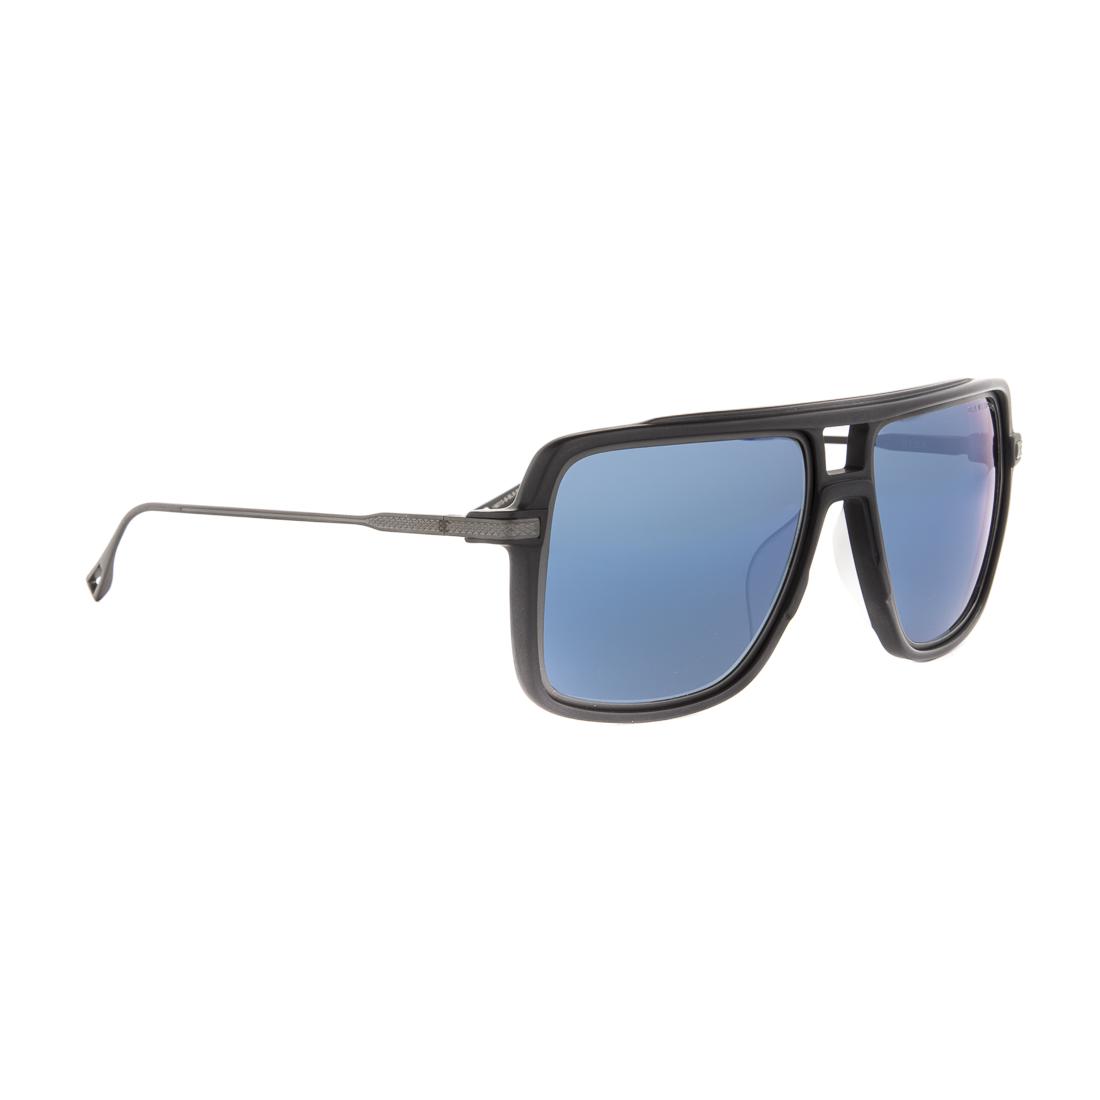 50d737d8d9c NEW Dita Westbound Sunglasses 19015B Matte Black Iron Frame Gray ...